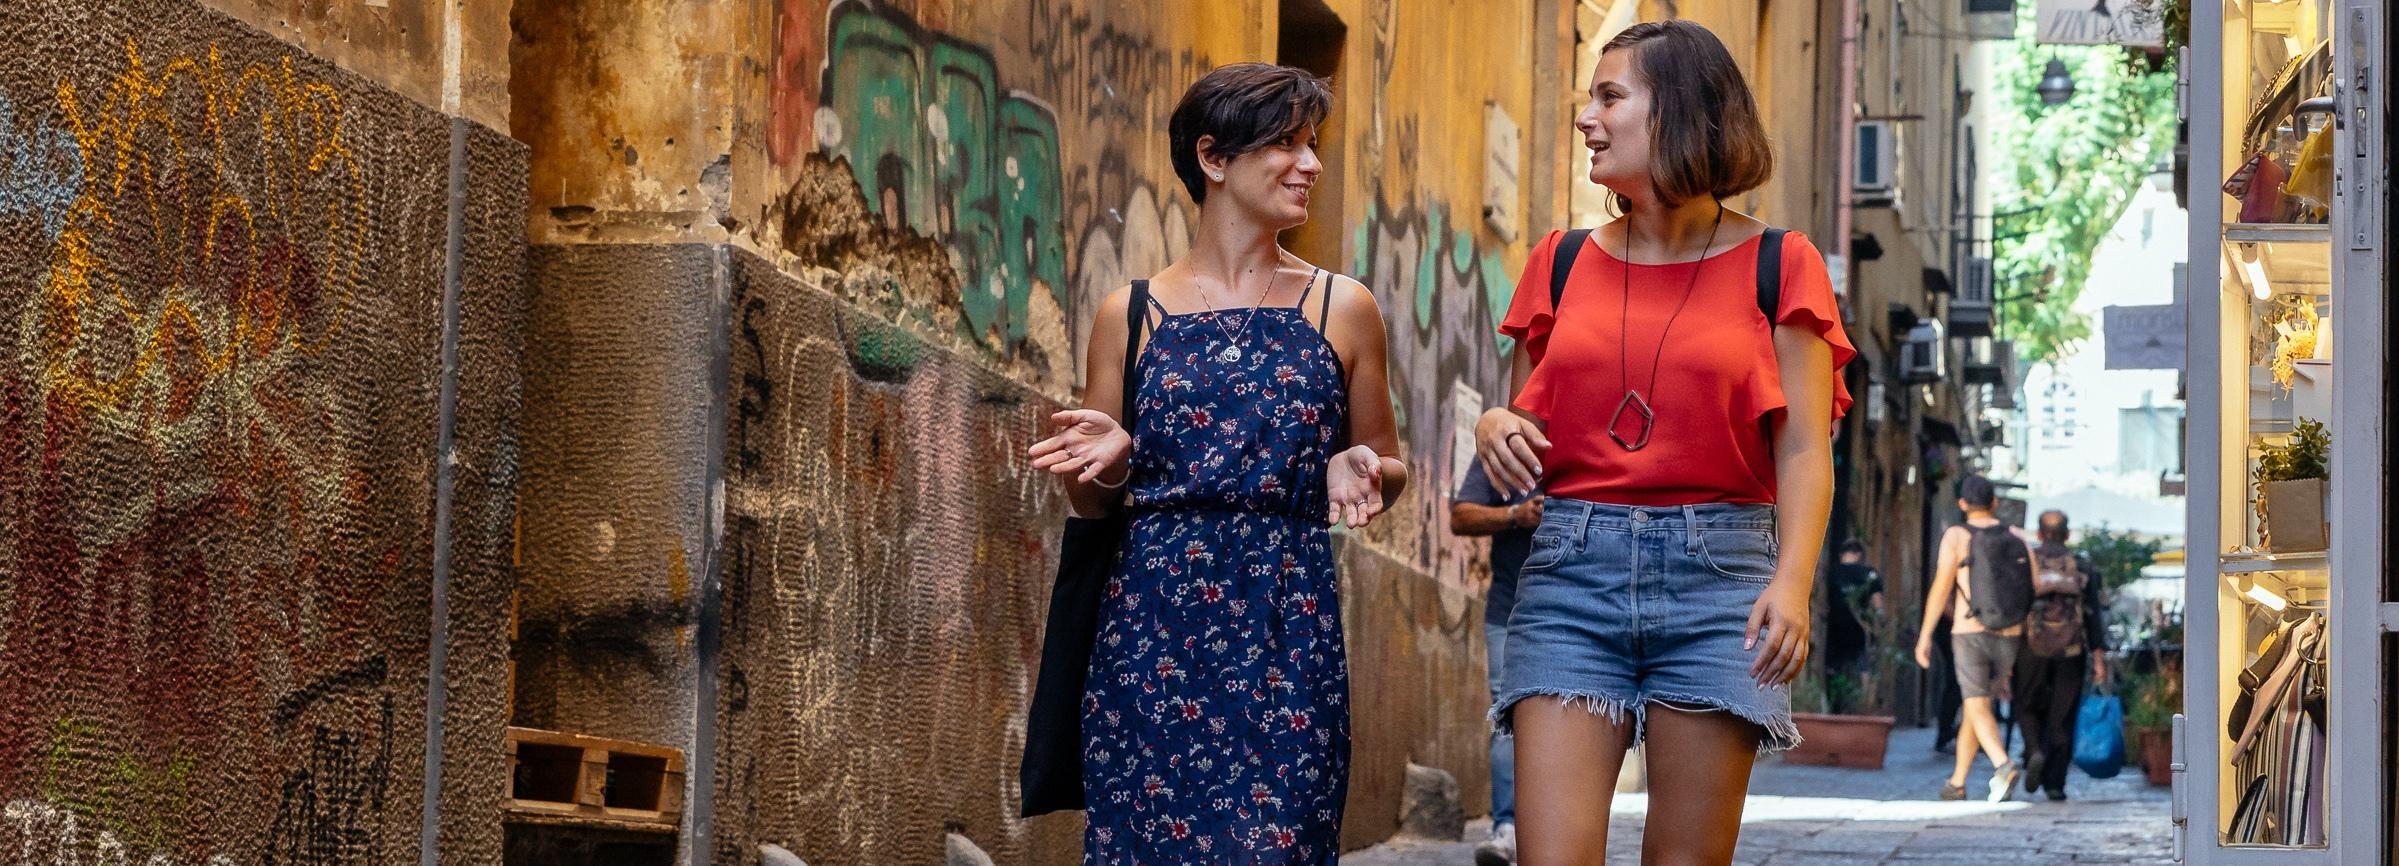 Неаполь-стрит Искусство, культура и легенды Частная прогулка